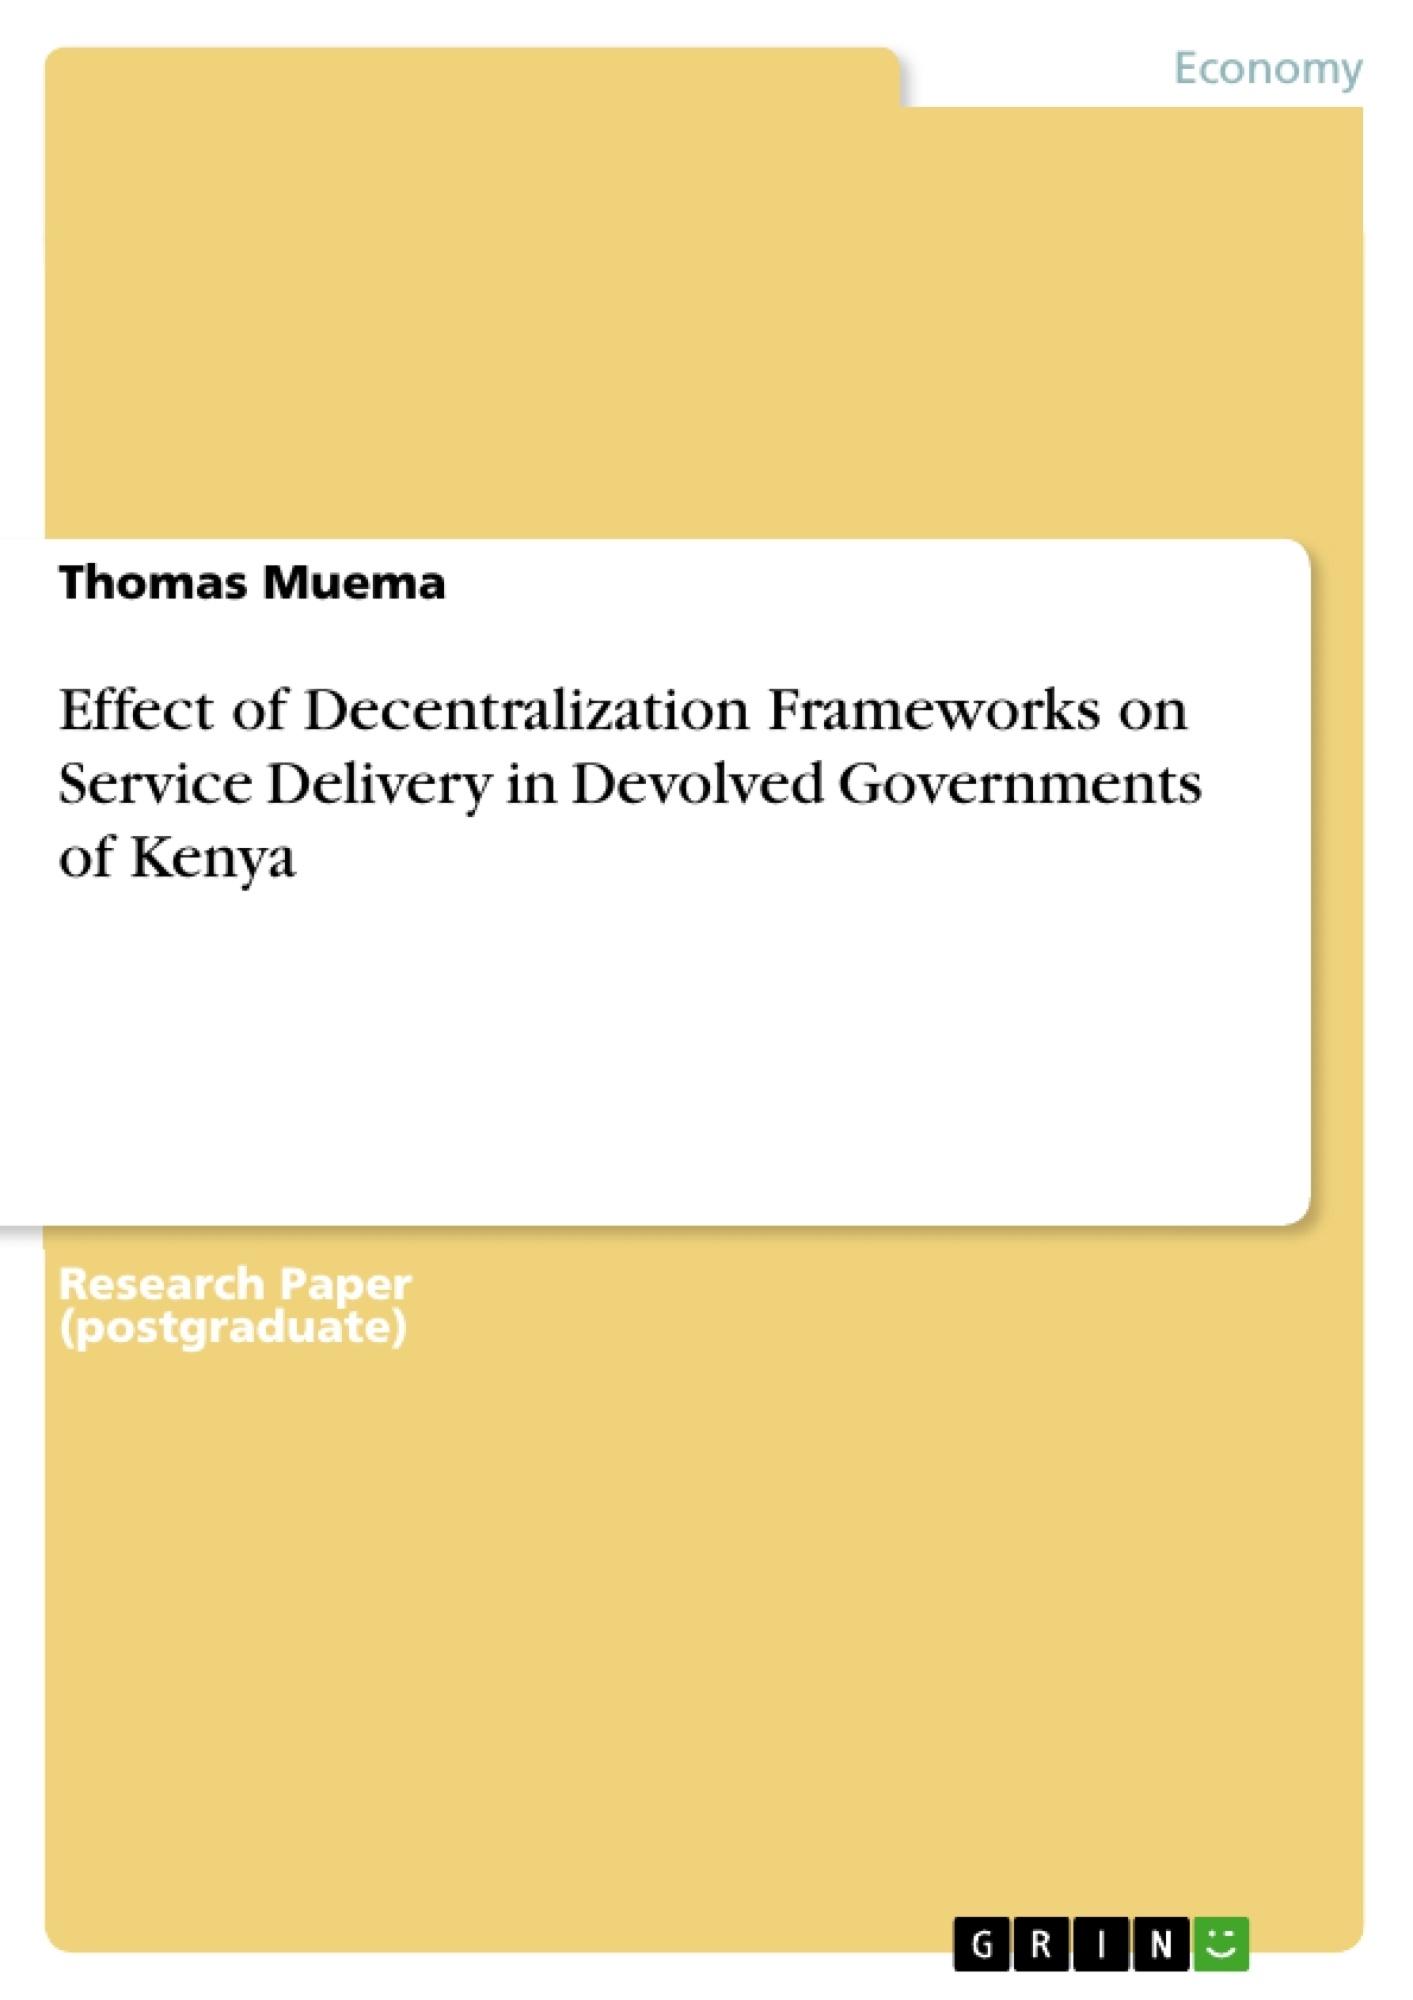 Title: Effect of Decentralization Frameworks on Service Delivery in Devolved Governments of Kenya